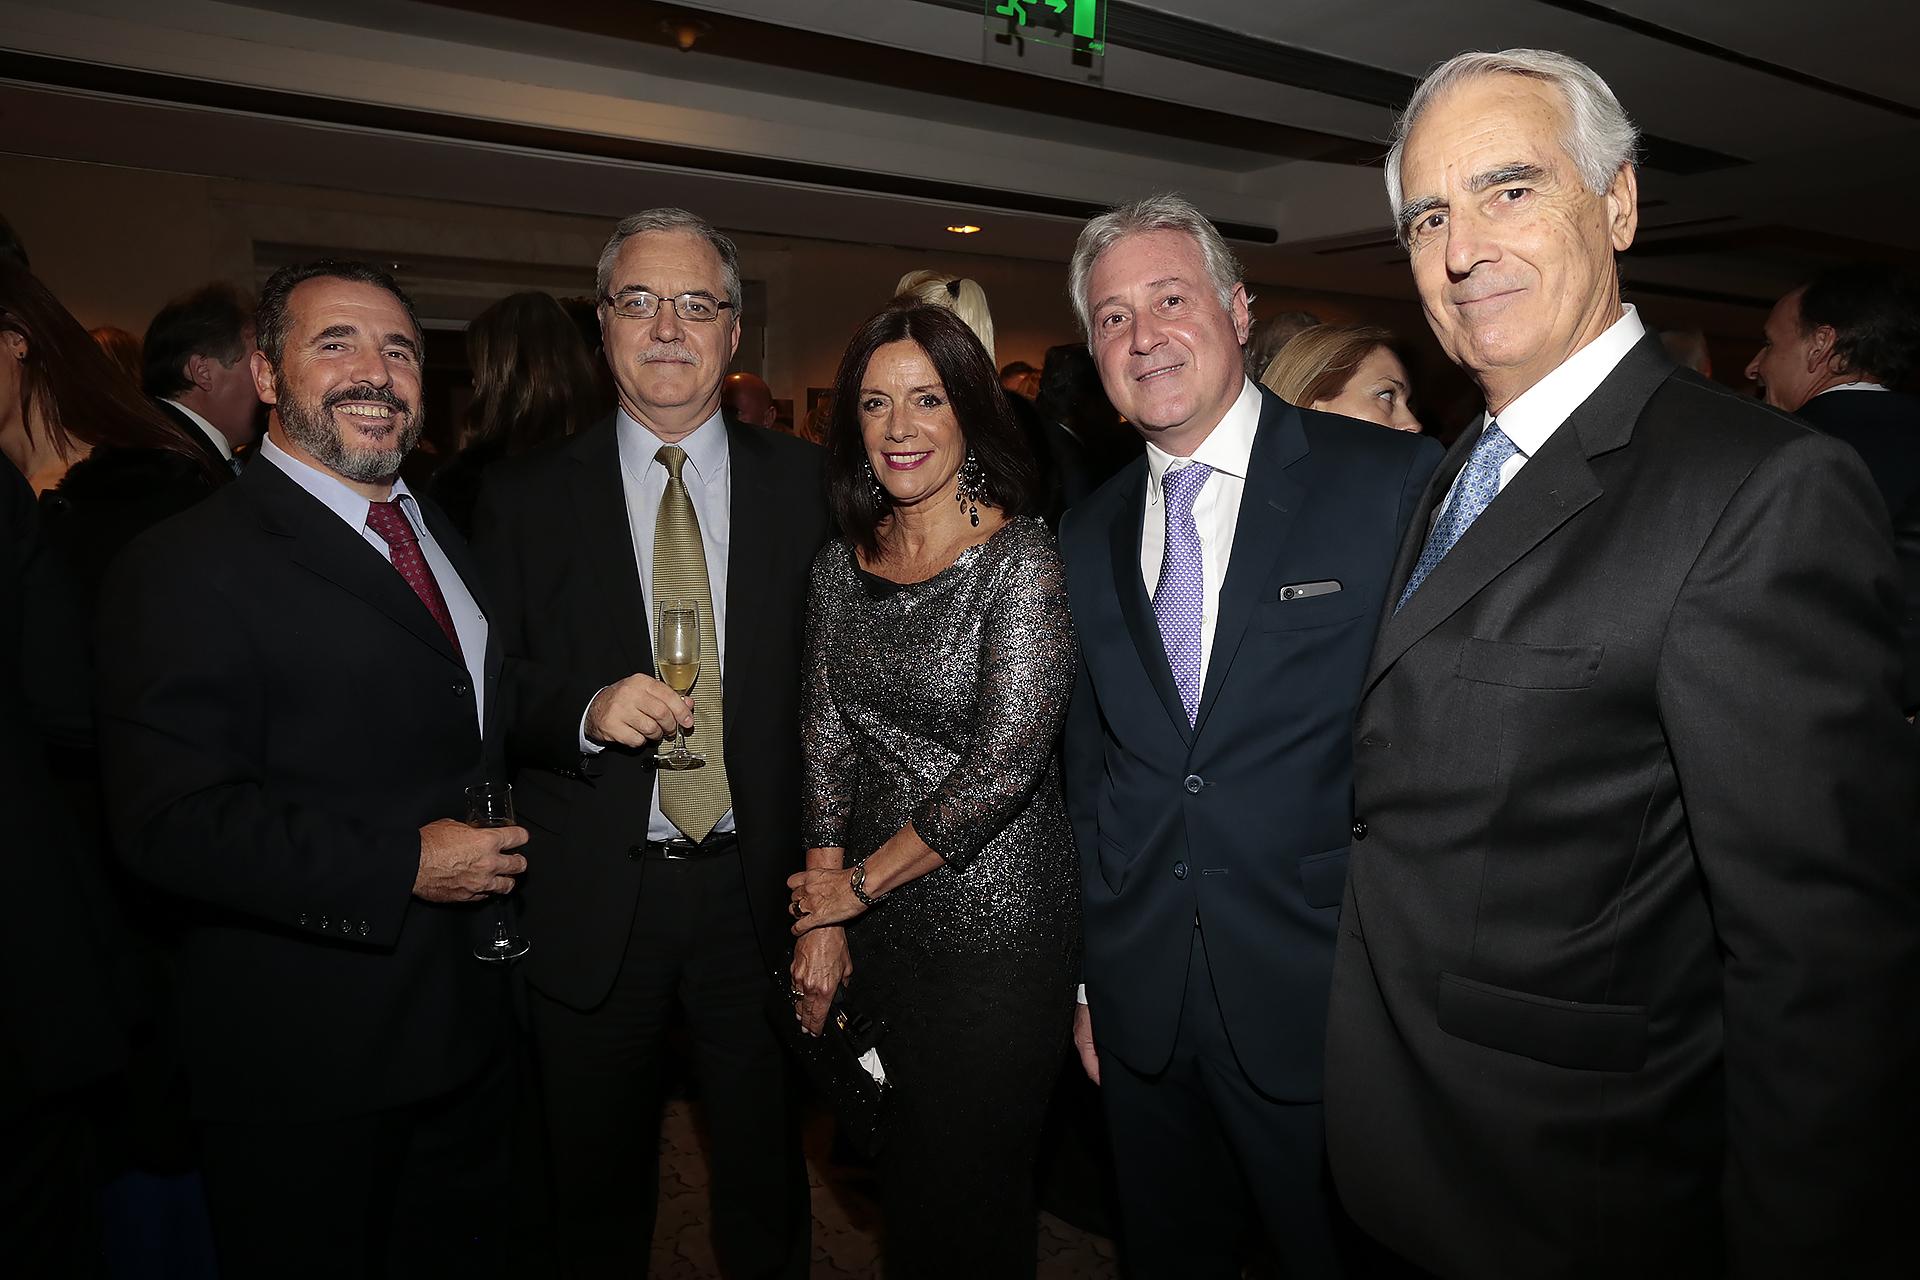 Ezequiel Barrenechea (Aeropuertos Argentina 2000); Ruben Rabanal (Ámbito Financiero); Carolina Barros (Corporación América); Matías Patanian (CEO de Aeropuertos Argentina 2000) y Raúl Guillermo Francos (Corp America Airports)